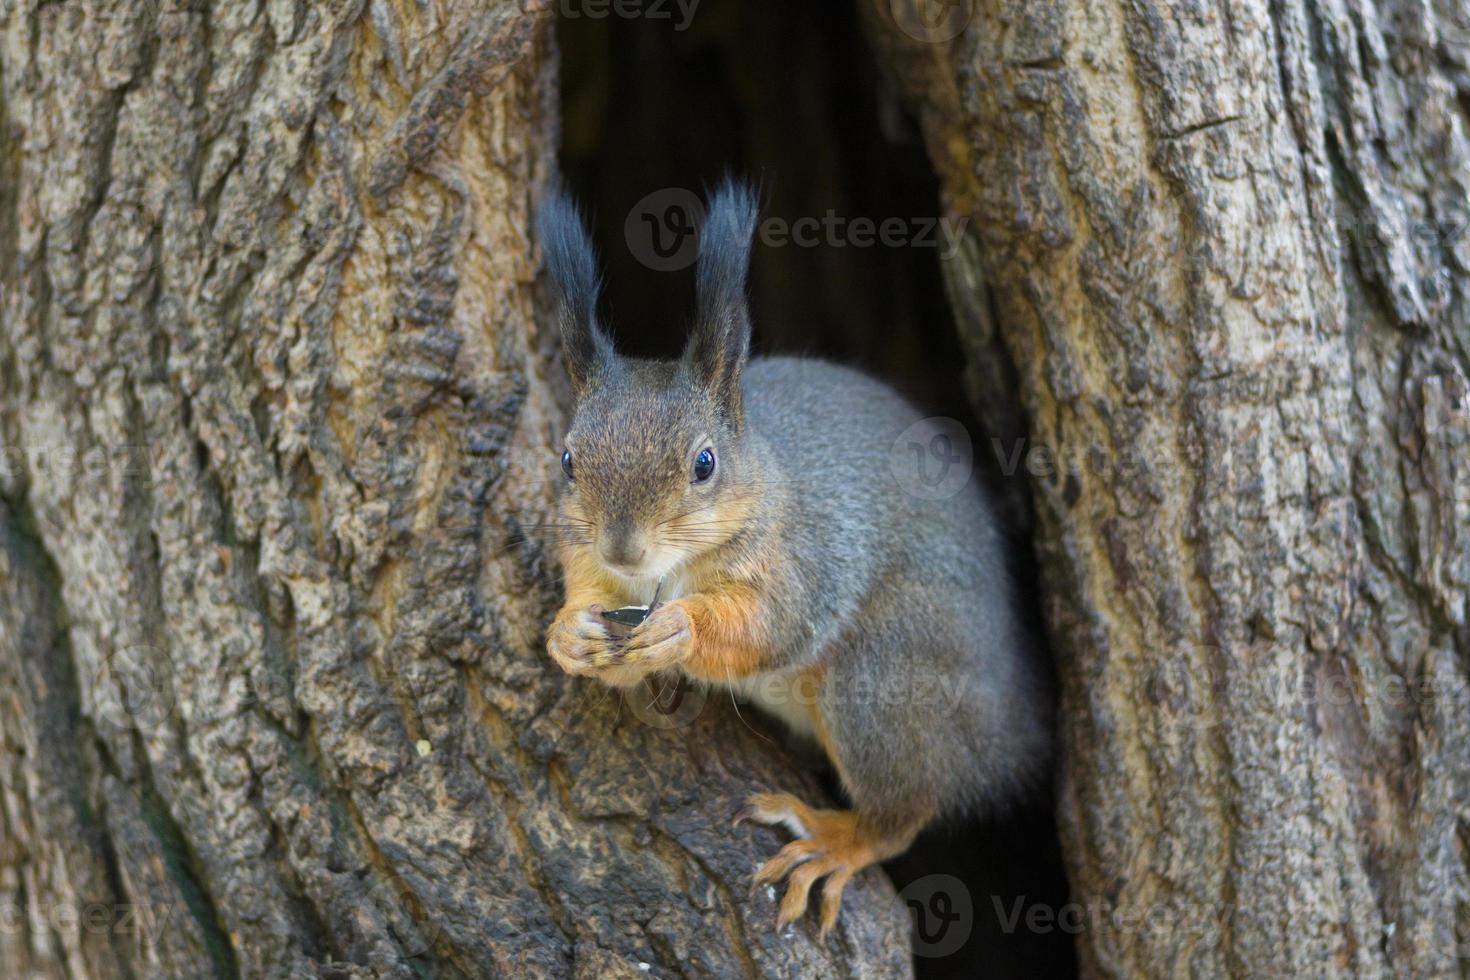 Das Eichhörnchen sitzt in einer Mulde foto